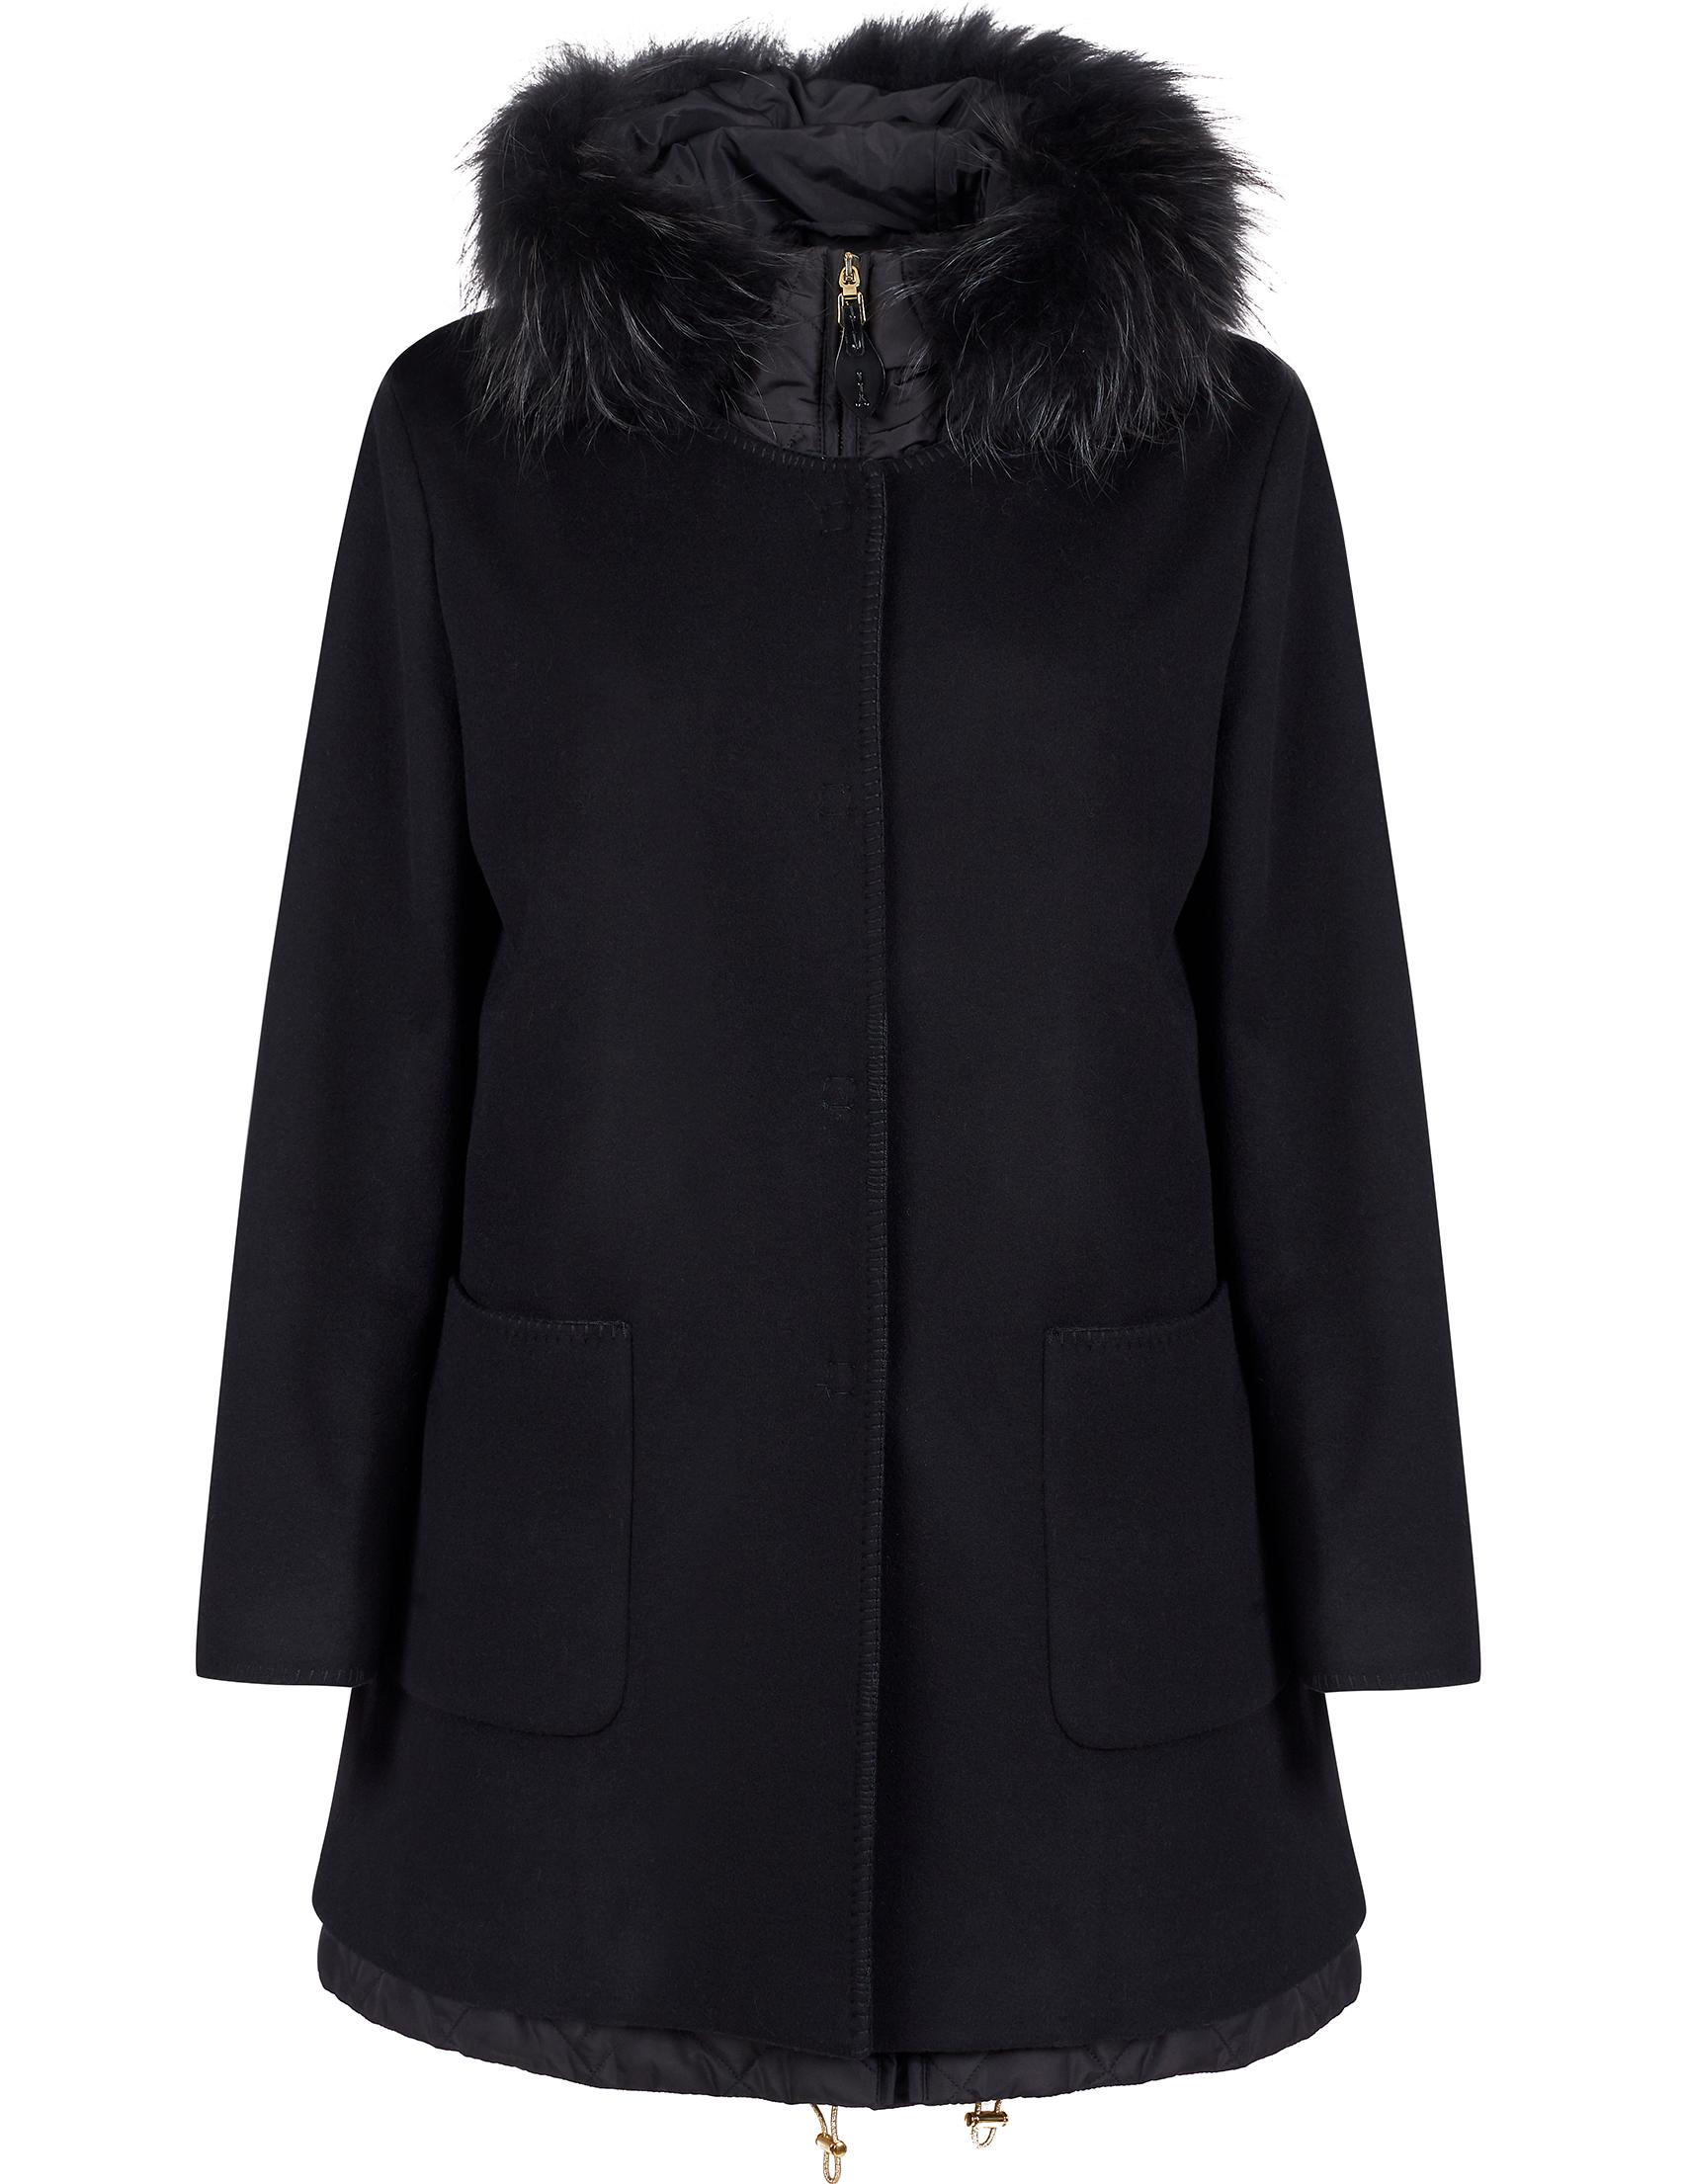 Купить Пальто, GALLOTTI, Черный, 100%Полиэстер;90%Шерсть 10%Кашемир;100%Мех, Осень-Зима